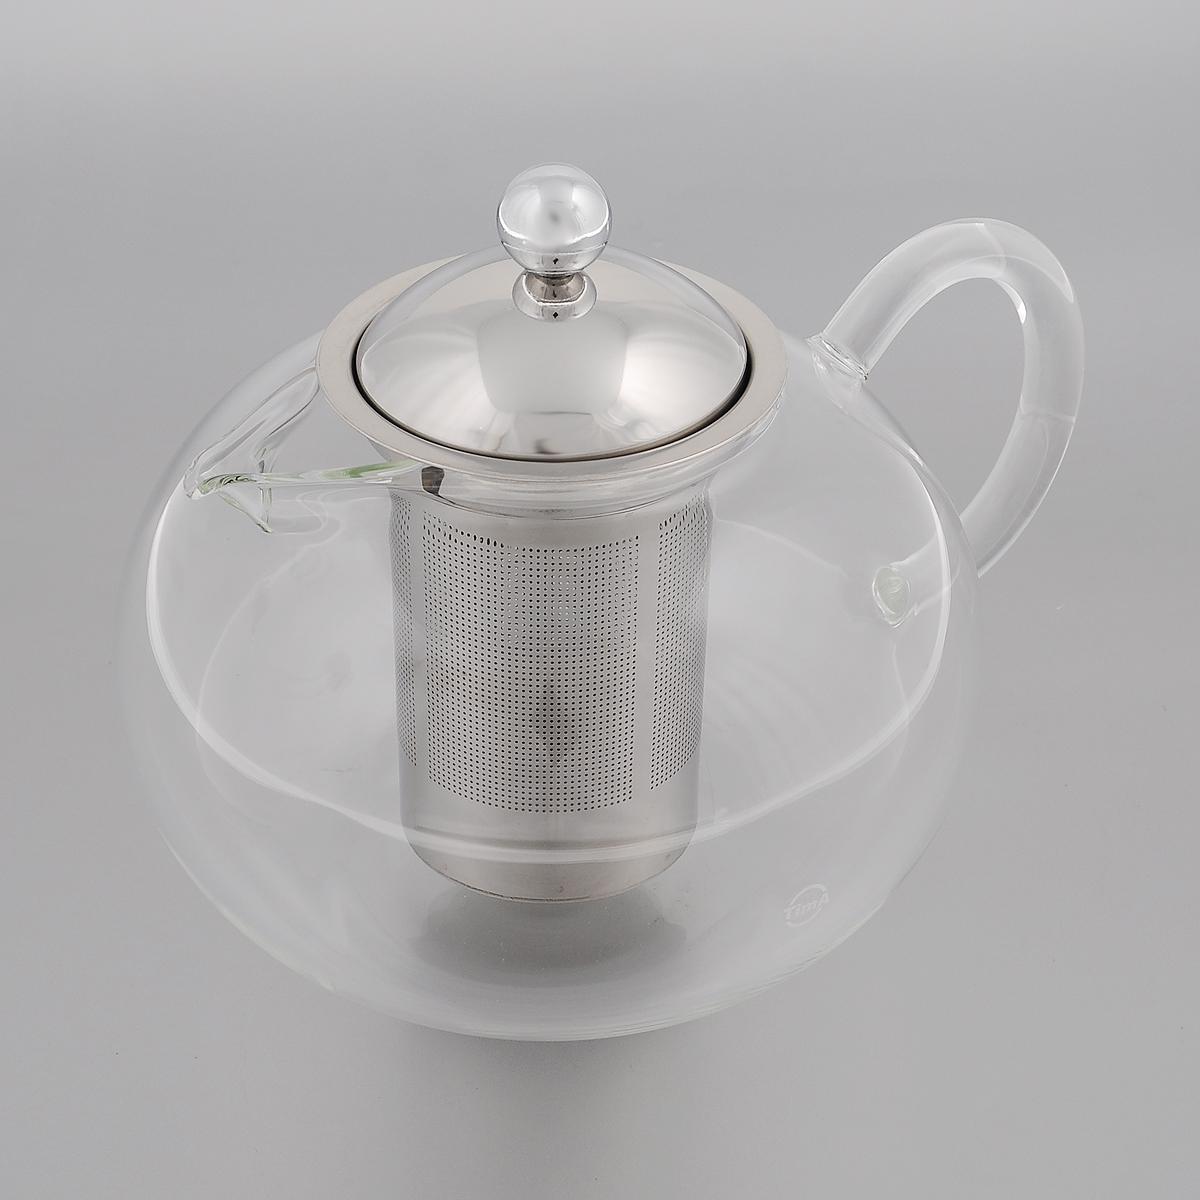 Чайник заварочный TimA Бергамот, 1,5 лFS-91909Заварочный чайник TimA Бергамот изготовлен из термостойкого боросиликатного стекла - прочного износостойкого материала. Чайник оснащен фильтром и крышкой из нержавеющей стали.Простой и удобный чайник поможет вам приготовить крепкий, ароматный чай. Дизайн изделия создает гипнотическую атмосферу через сочетание полупрозрачного цвета и хромированных элементов. Можно мыть в посудомоечной машине. Не использовать в микроволновой печи.Диаметр (по верхнему краю): 7,5 см.Высота (без учета крышки): 10,5 см.Высота фильтра: 10 см.